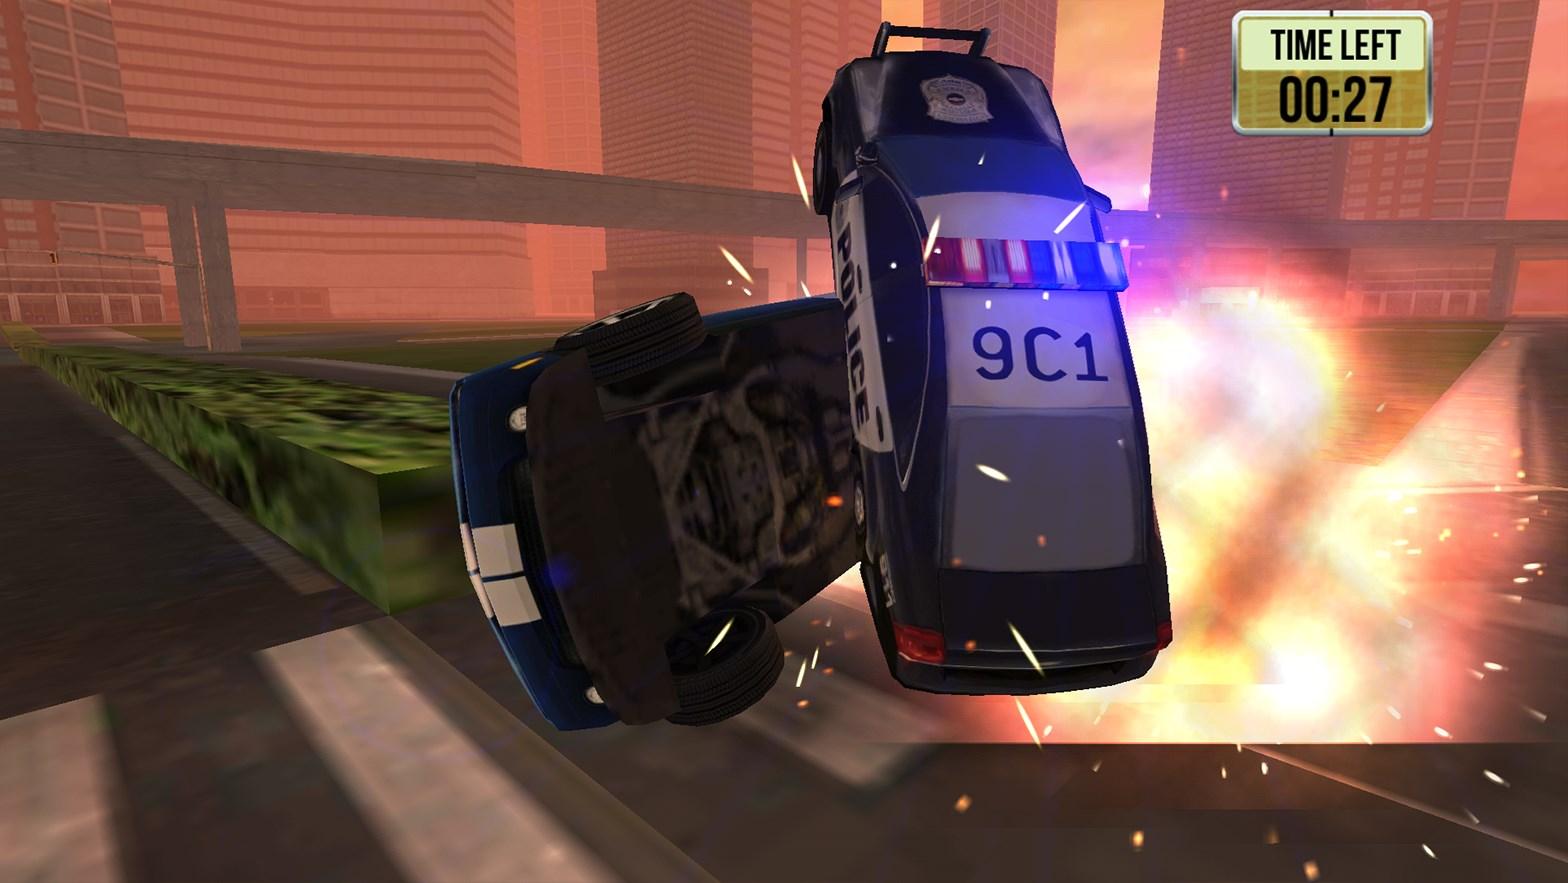 Polícia contra ladrão - Imagem 2 do software